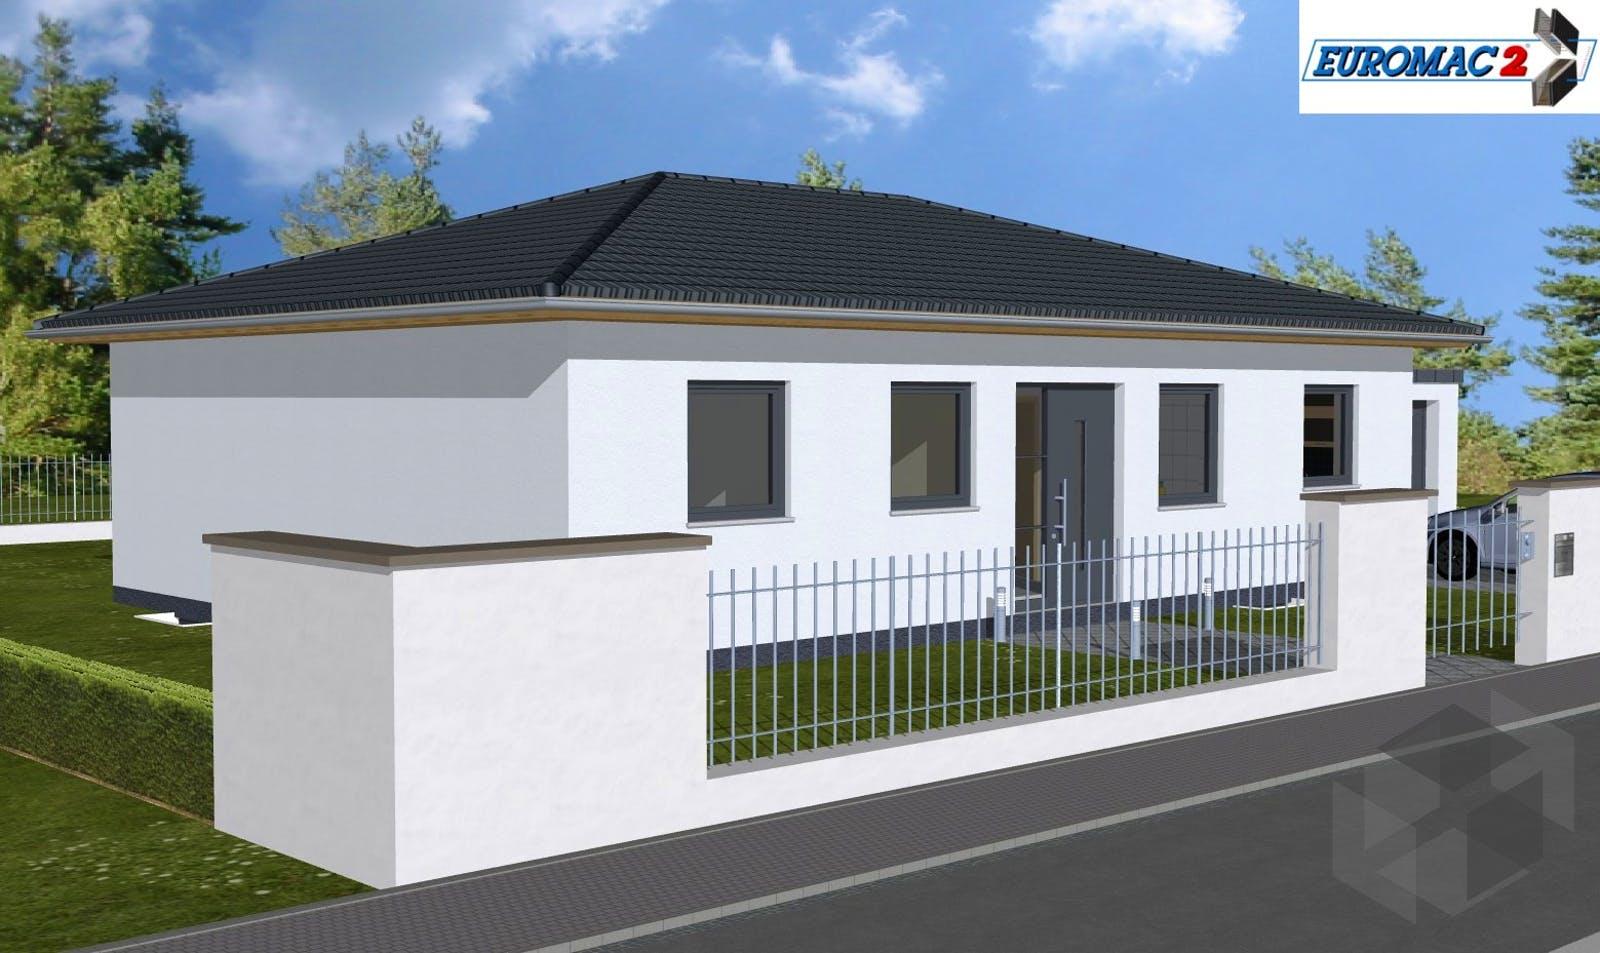 Fertighaus Tschechien Preise Fertighaus Tschechien Preise Holzhaus